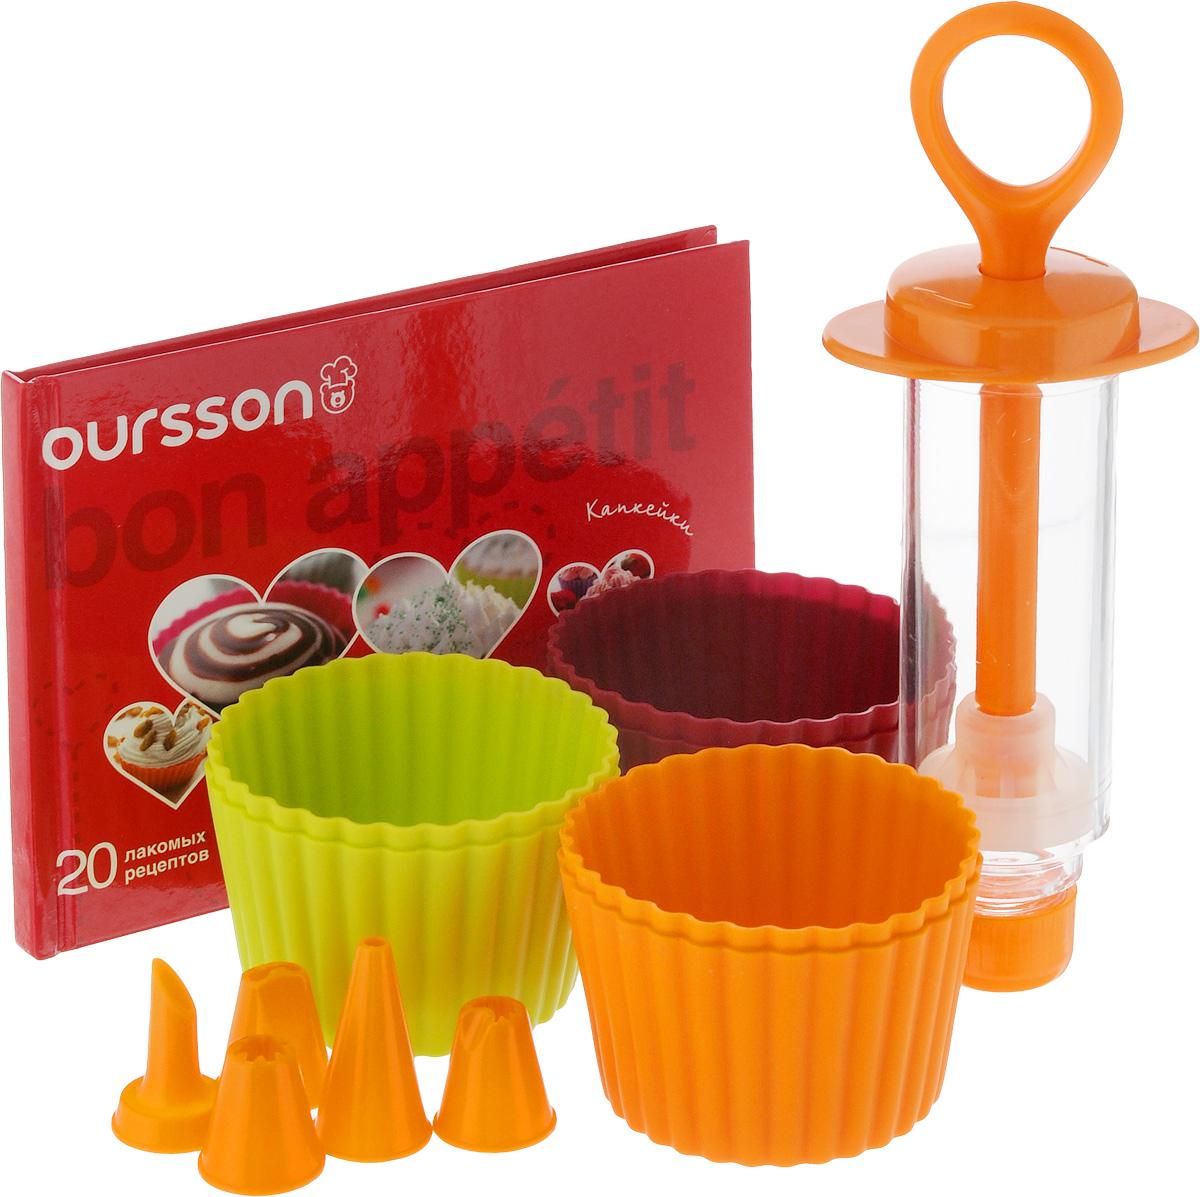 Набор для выпечки Oursson Bon Appetit, 13 предметовBW2556SS/MCЕсли вы любите побаловать своих домашних вкусной и ароматной выпечкой по вашему оригинальному рецепту, то набор для выпечки Oursson Bon Appetit как раз то, что вам нужно! Набор идеально подходит для приготовления сладкой с соленой выпечки. Набор состоит из 6 силиконовых форм для выпечки, кондитерского шприца с 5 насадками и книги рецептов. Формочки выполнены из силикона. Силикон устойчив к перепадам температуры от -40°C до +230°C, практичен при хранении за счет гибкости. Такие формы позволяют быстро и легко извлекать приготовленные изделия. Кондитерский шприц и насадки изготовлены из пластика. С помощью данного изделия вы сможете украсить свои десерты на ваш вкус. В комплект входит книга, в которой предоставлены 20 рецептов капкейков. Капкейк - американское название кекса. Пирожное небольшого размера, предназначенное для употребления в пищу одним человеком, запеченное в тонкой бумаге или алюминиевой форме для выпечки. Предметы набора можно мыть в посудомоечной...